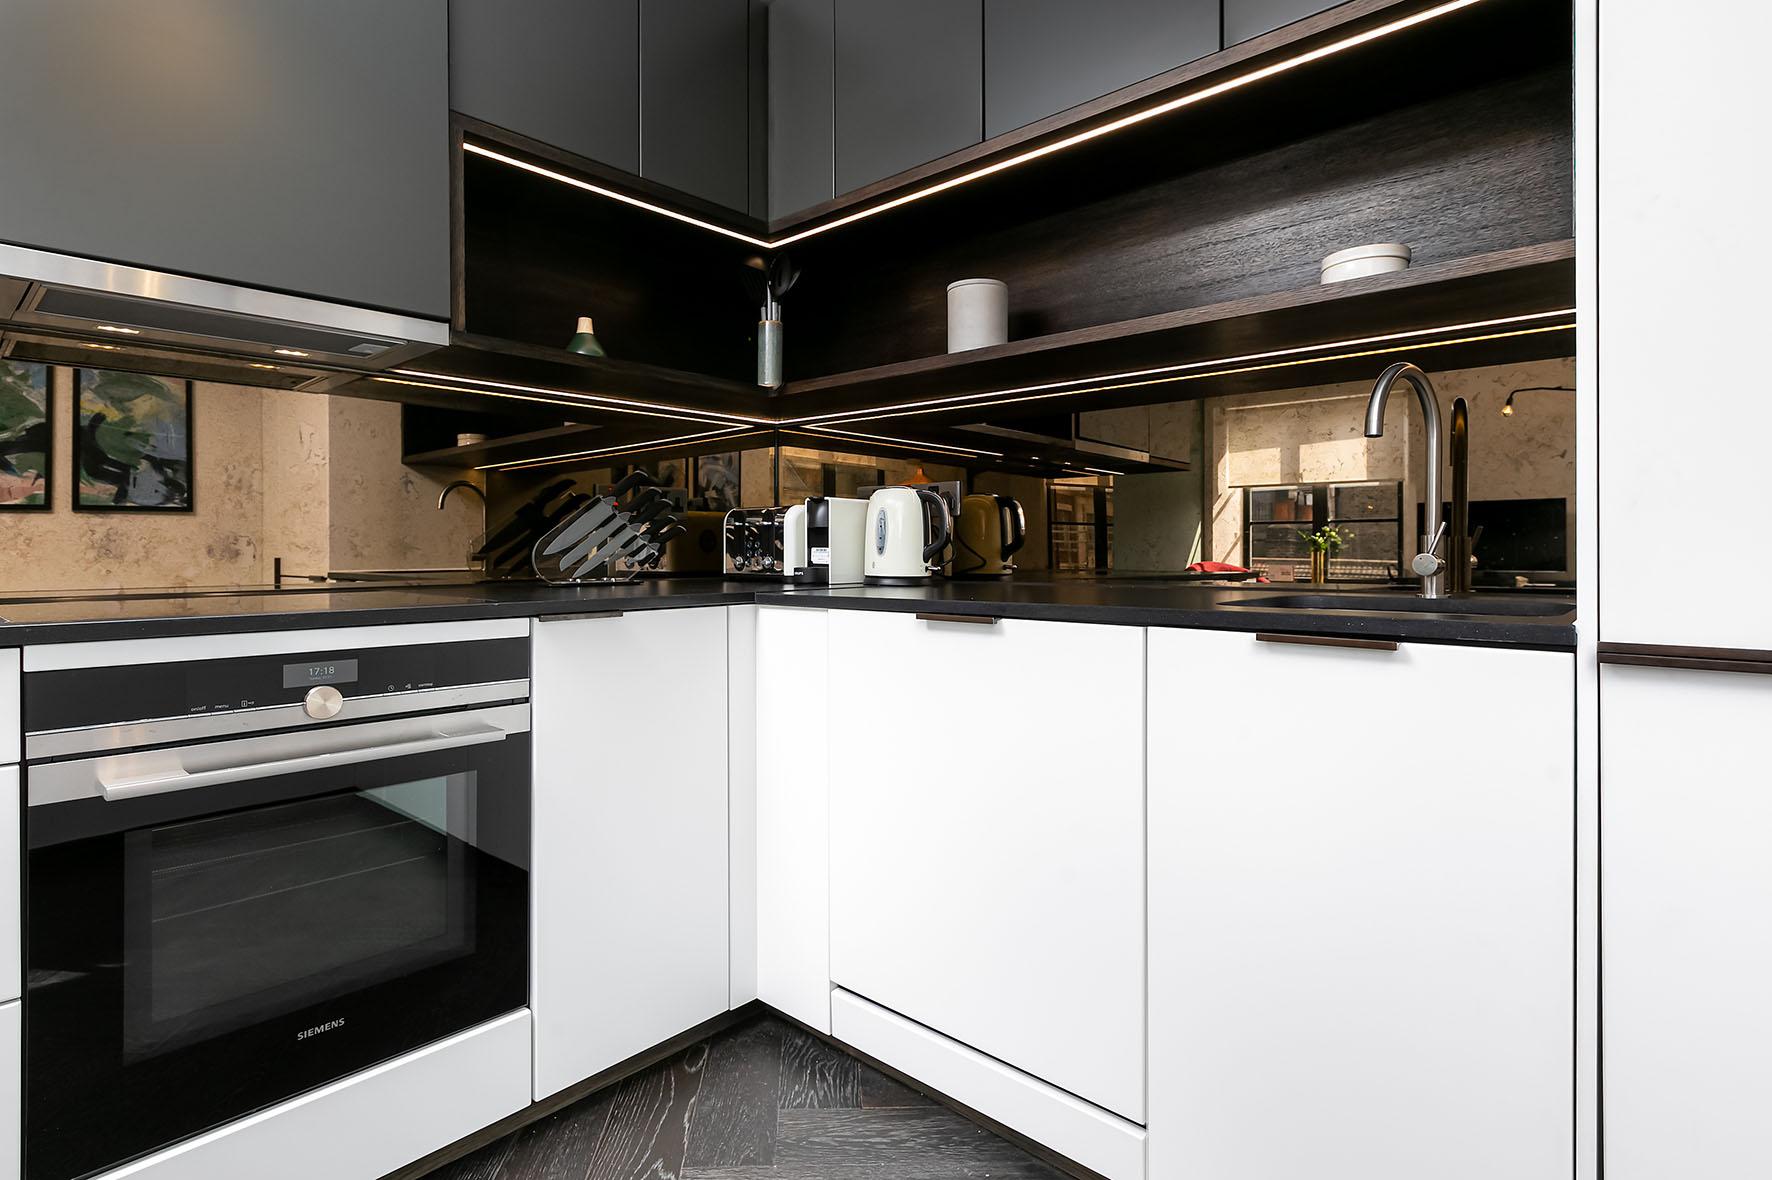 Lovelydays luxury service apartment rental - London - Soho - Noel Street VI - Lovelysuite - 2 bedrooms - 2 bathrooms - Luxury kitchen - b705e9e28f5e - Lovelydays